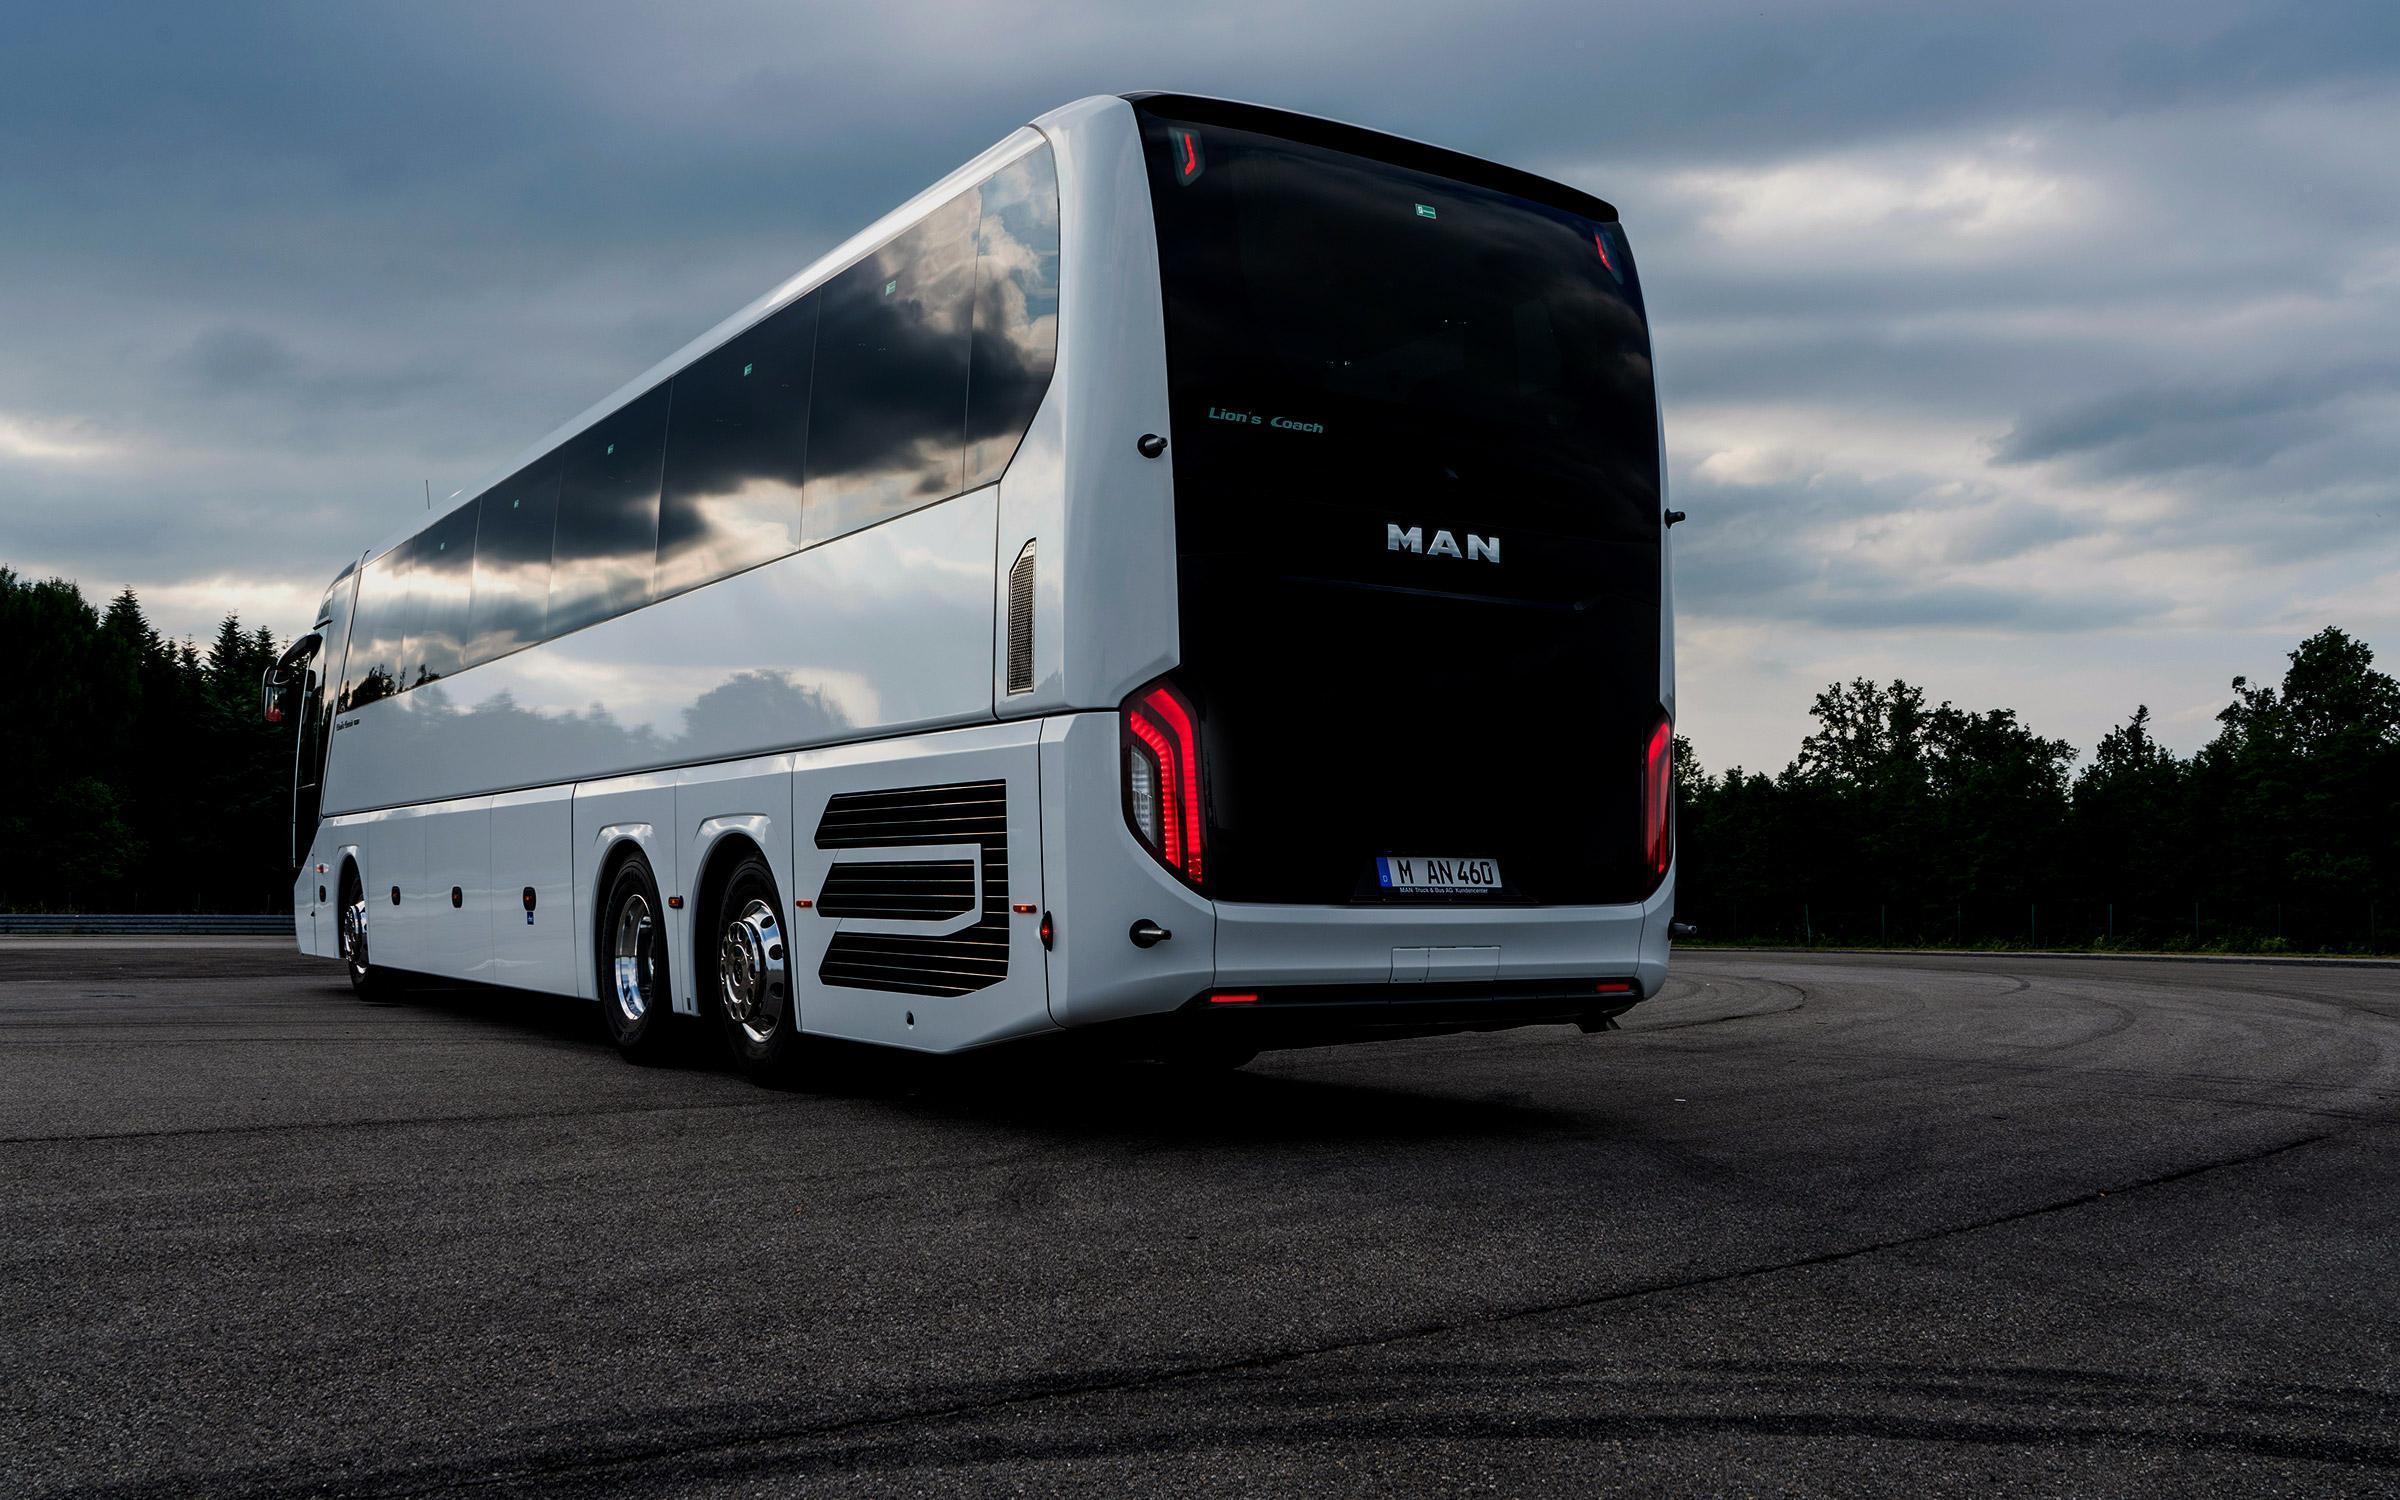 https://mantruck.com.ua/wp-content/uploads/2020/12/man-lions-coach_slider-3.jpg